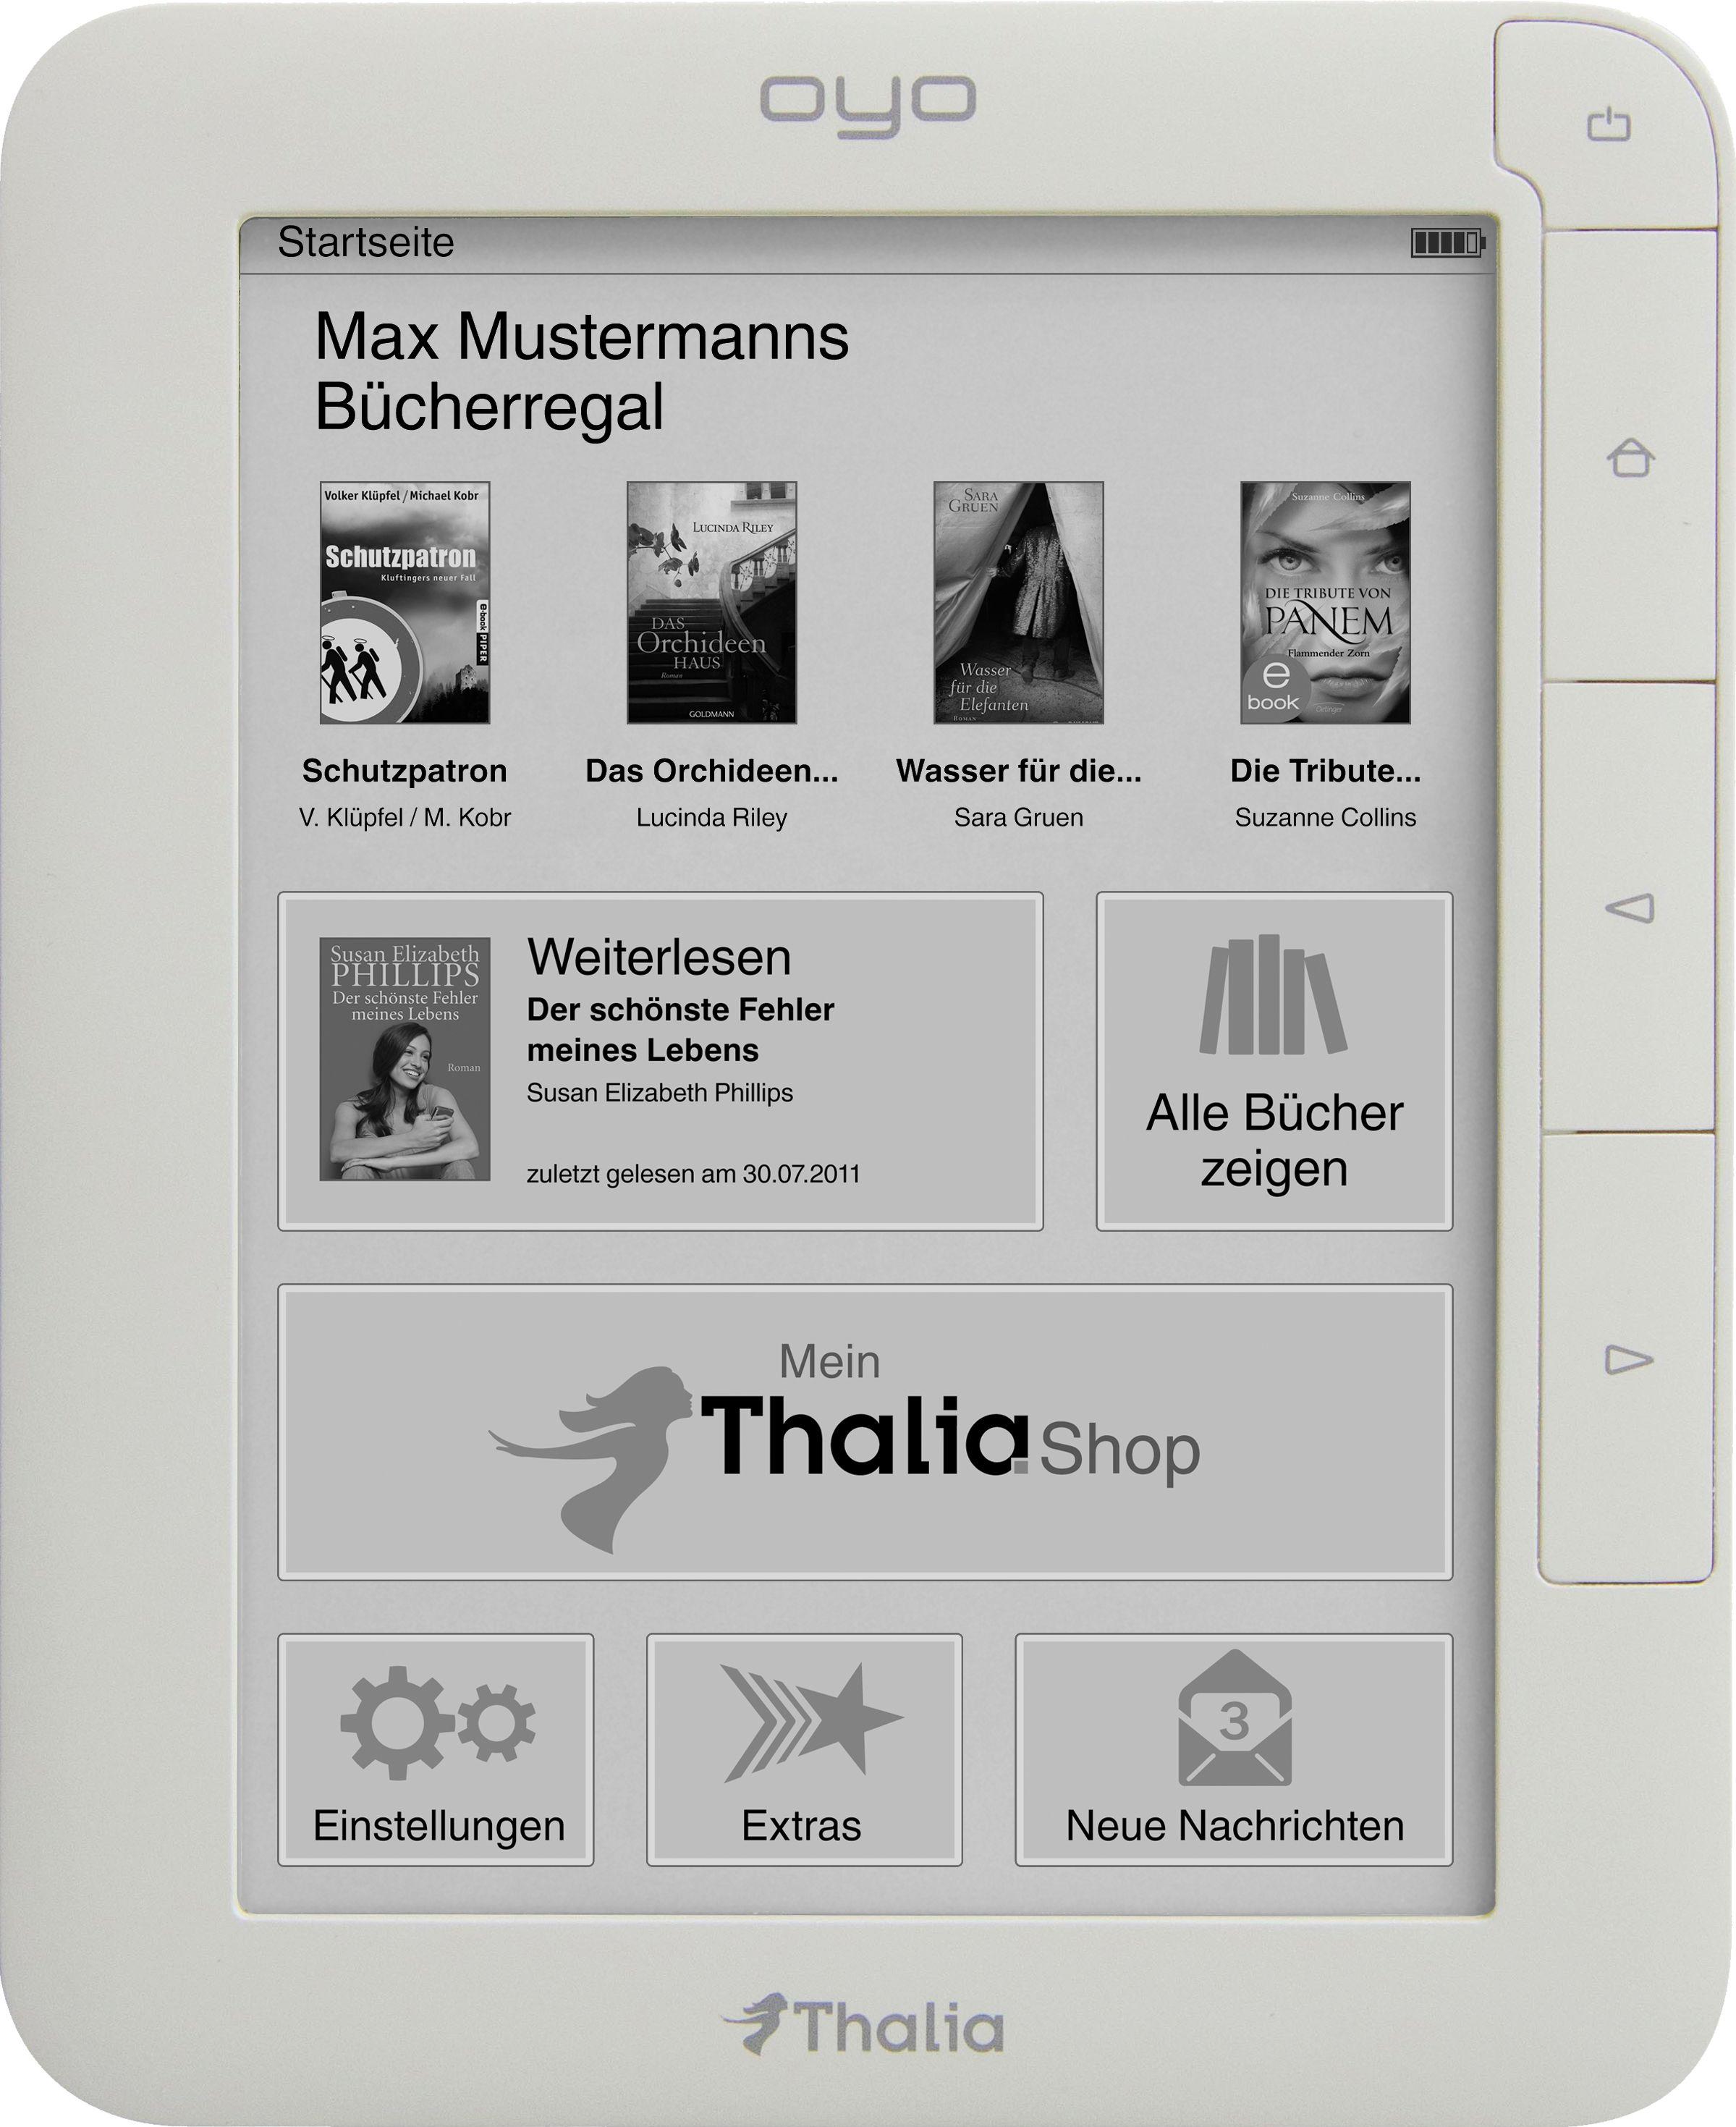 Oyo II: Thalia kündigt neuen E-Book-Reader an - Prozessor, Speicher, Akku: Der Oyo II hat eine bessere Hardwareausstattung (Foto: Thalia)